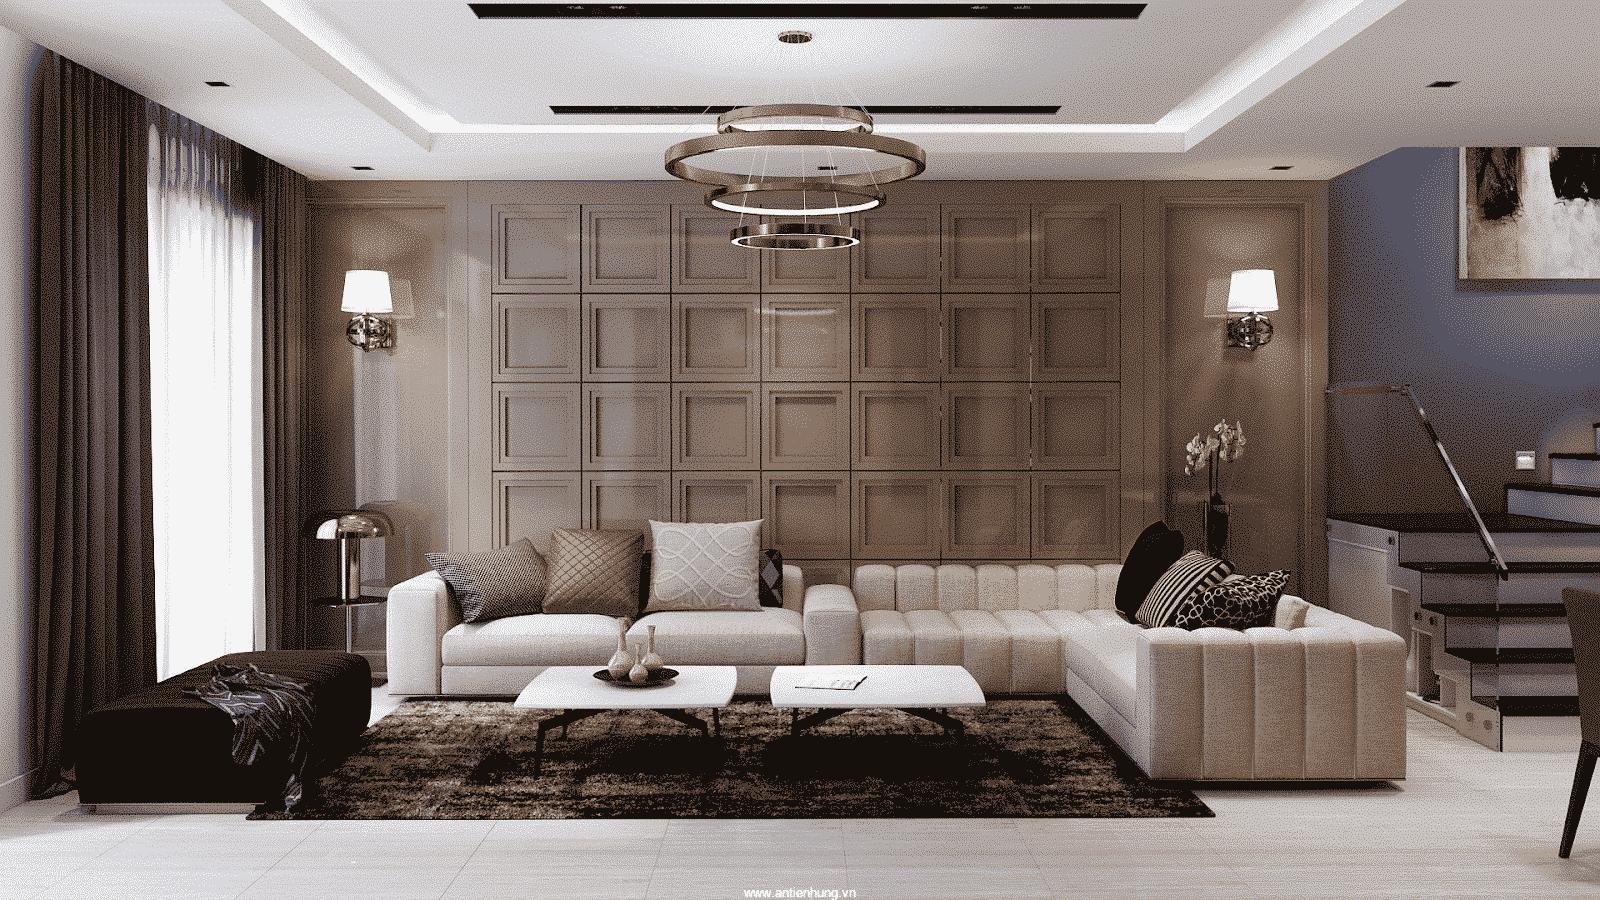 Sơn không bóng trong nhà K771 - Gold - sự lựa chọn hàng đầu cho ngôi nhà của bạn